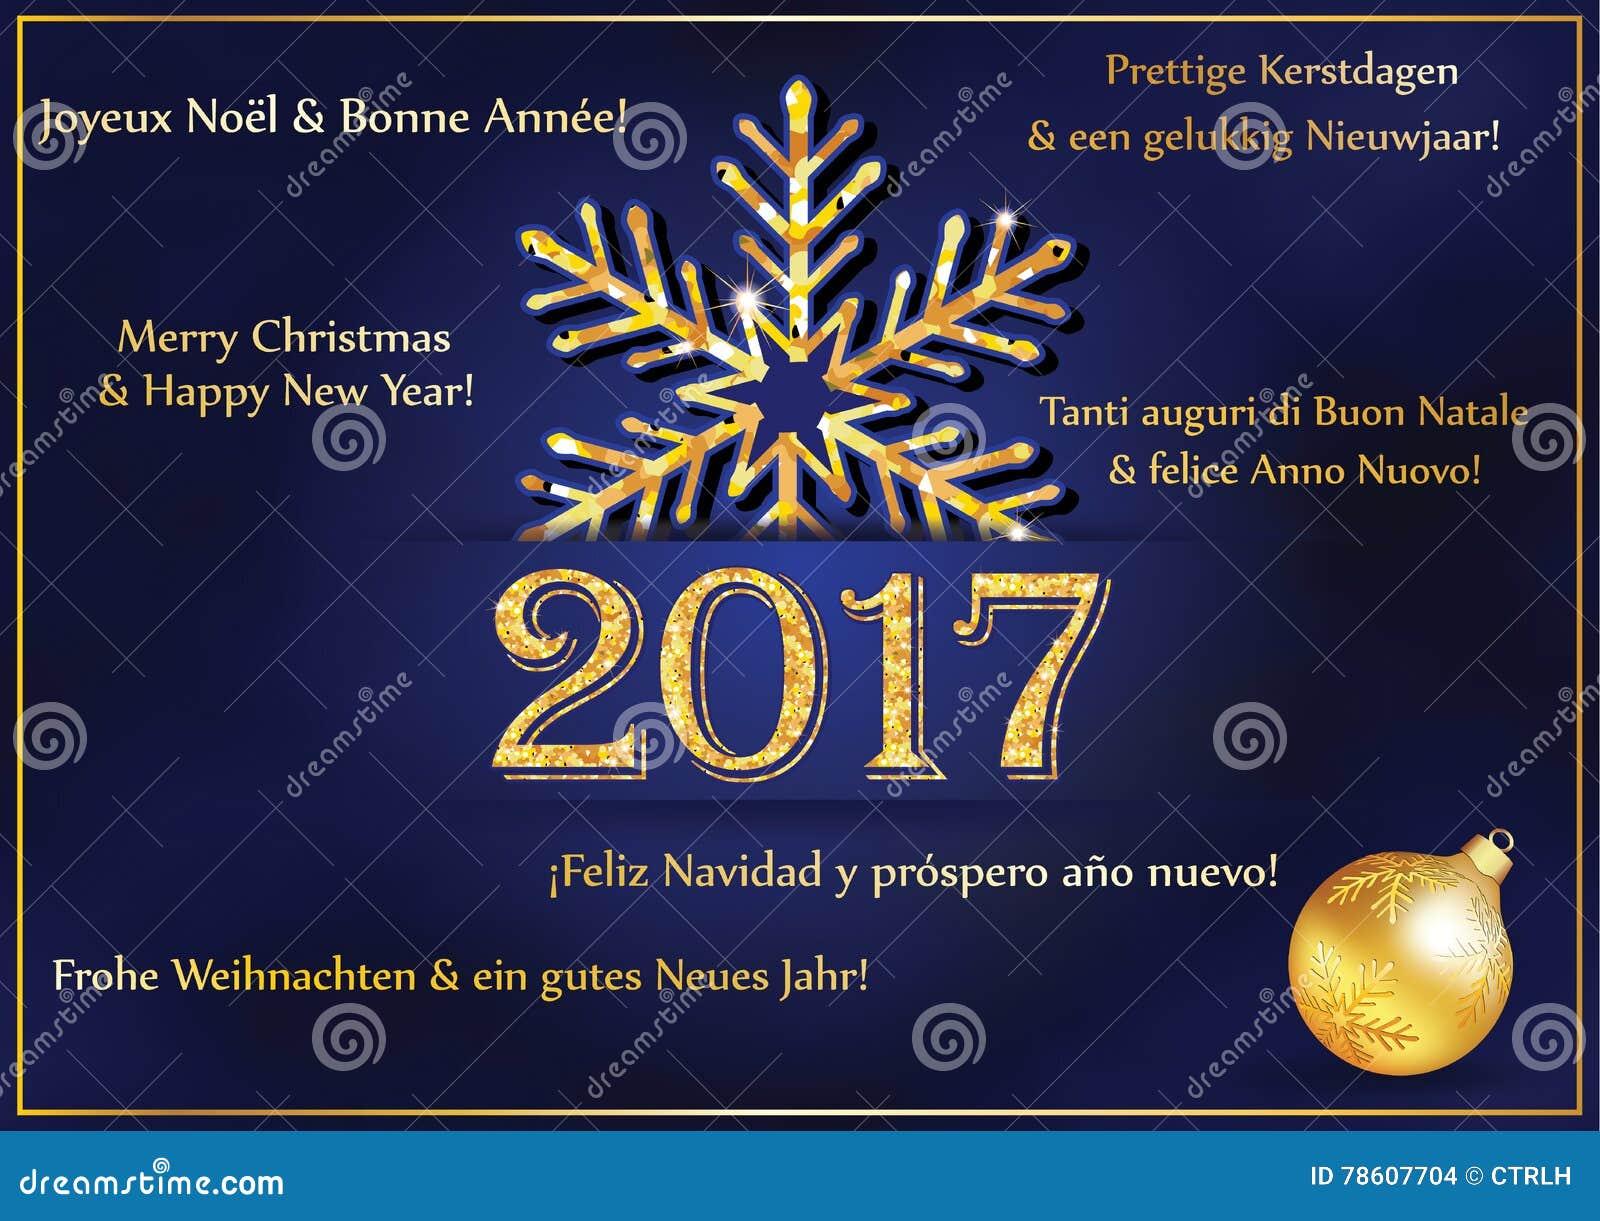 Carte de voeux de nouvelle ann e 2017 dans beaucoup de langues illustration stock image 78607704 - Texte carte de voeux 2017 ...